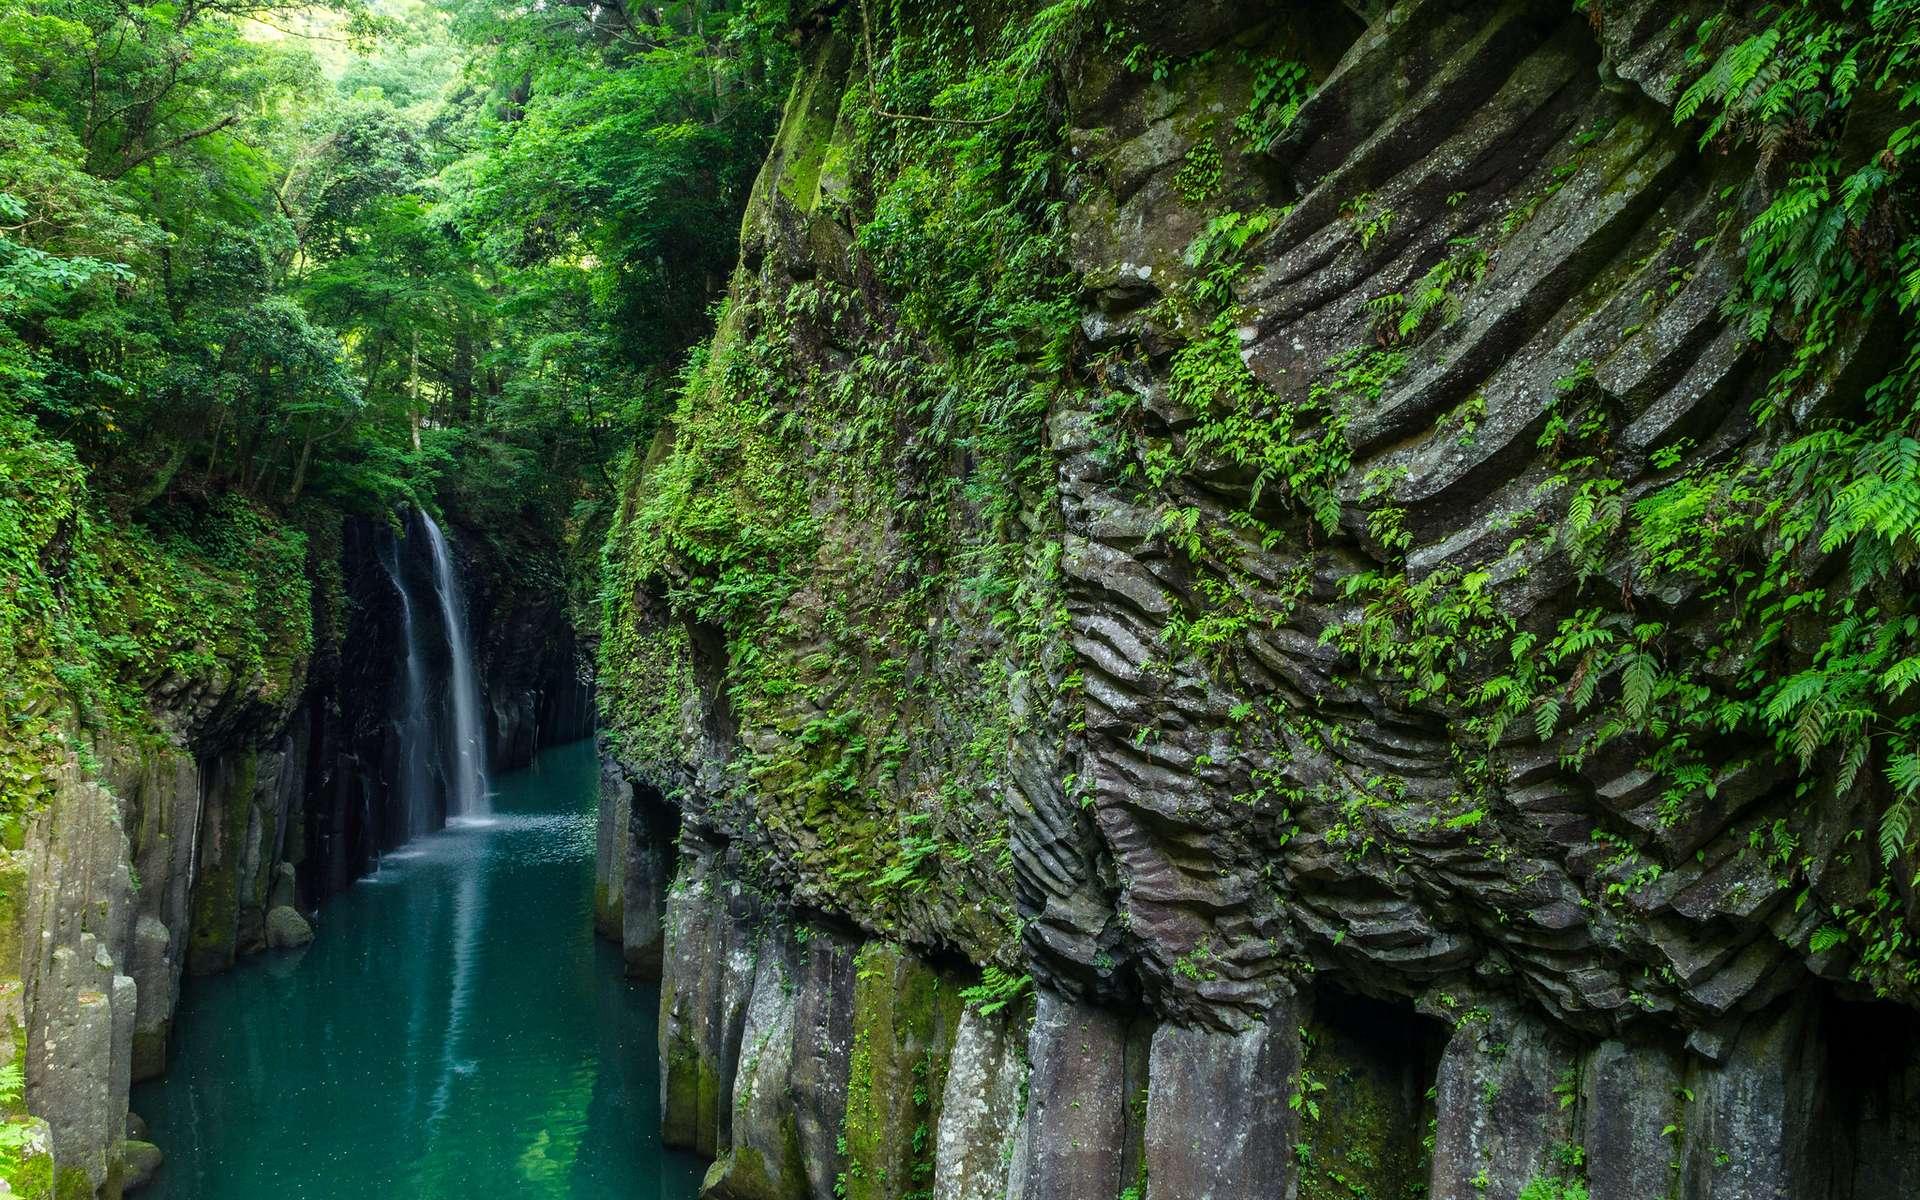 Explorez les gorges féeriques de Takachiho sur l'île de Kyūshū, au Japon